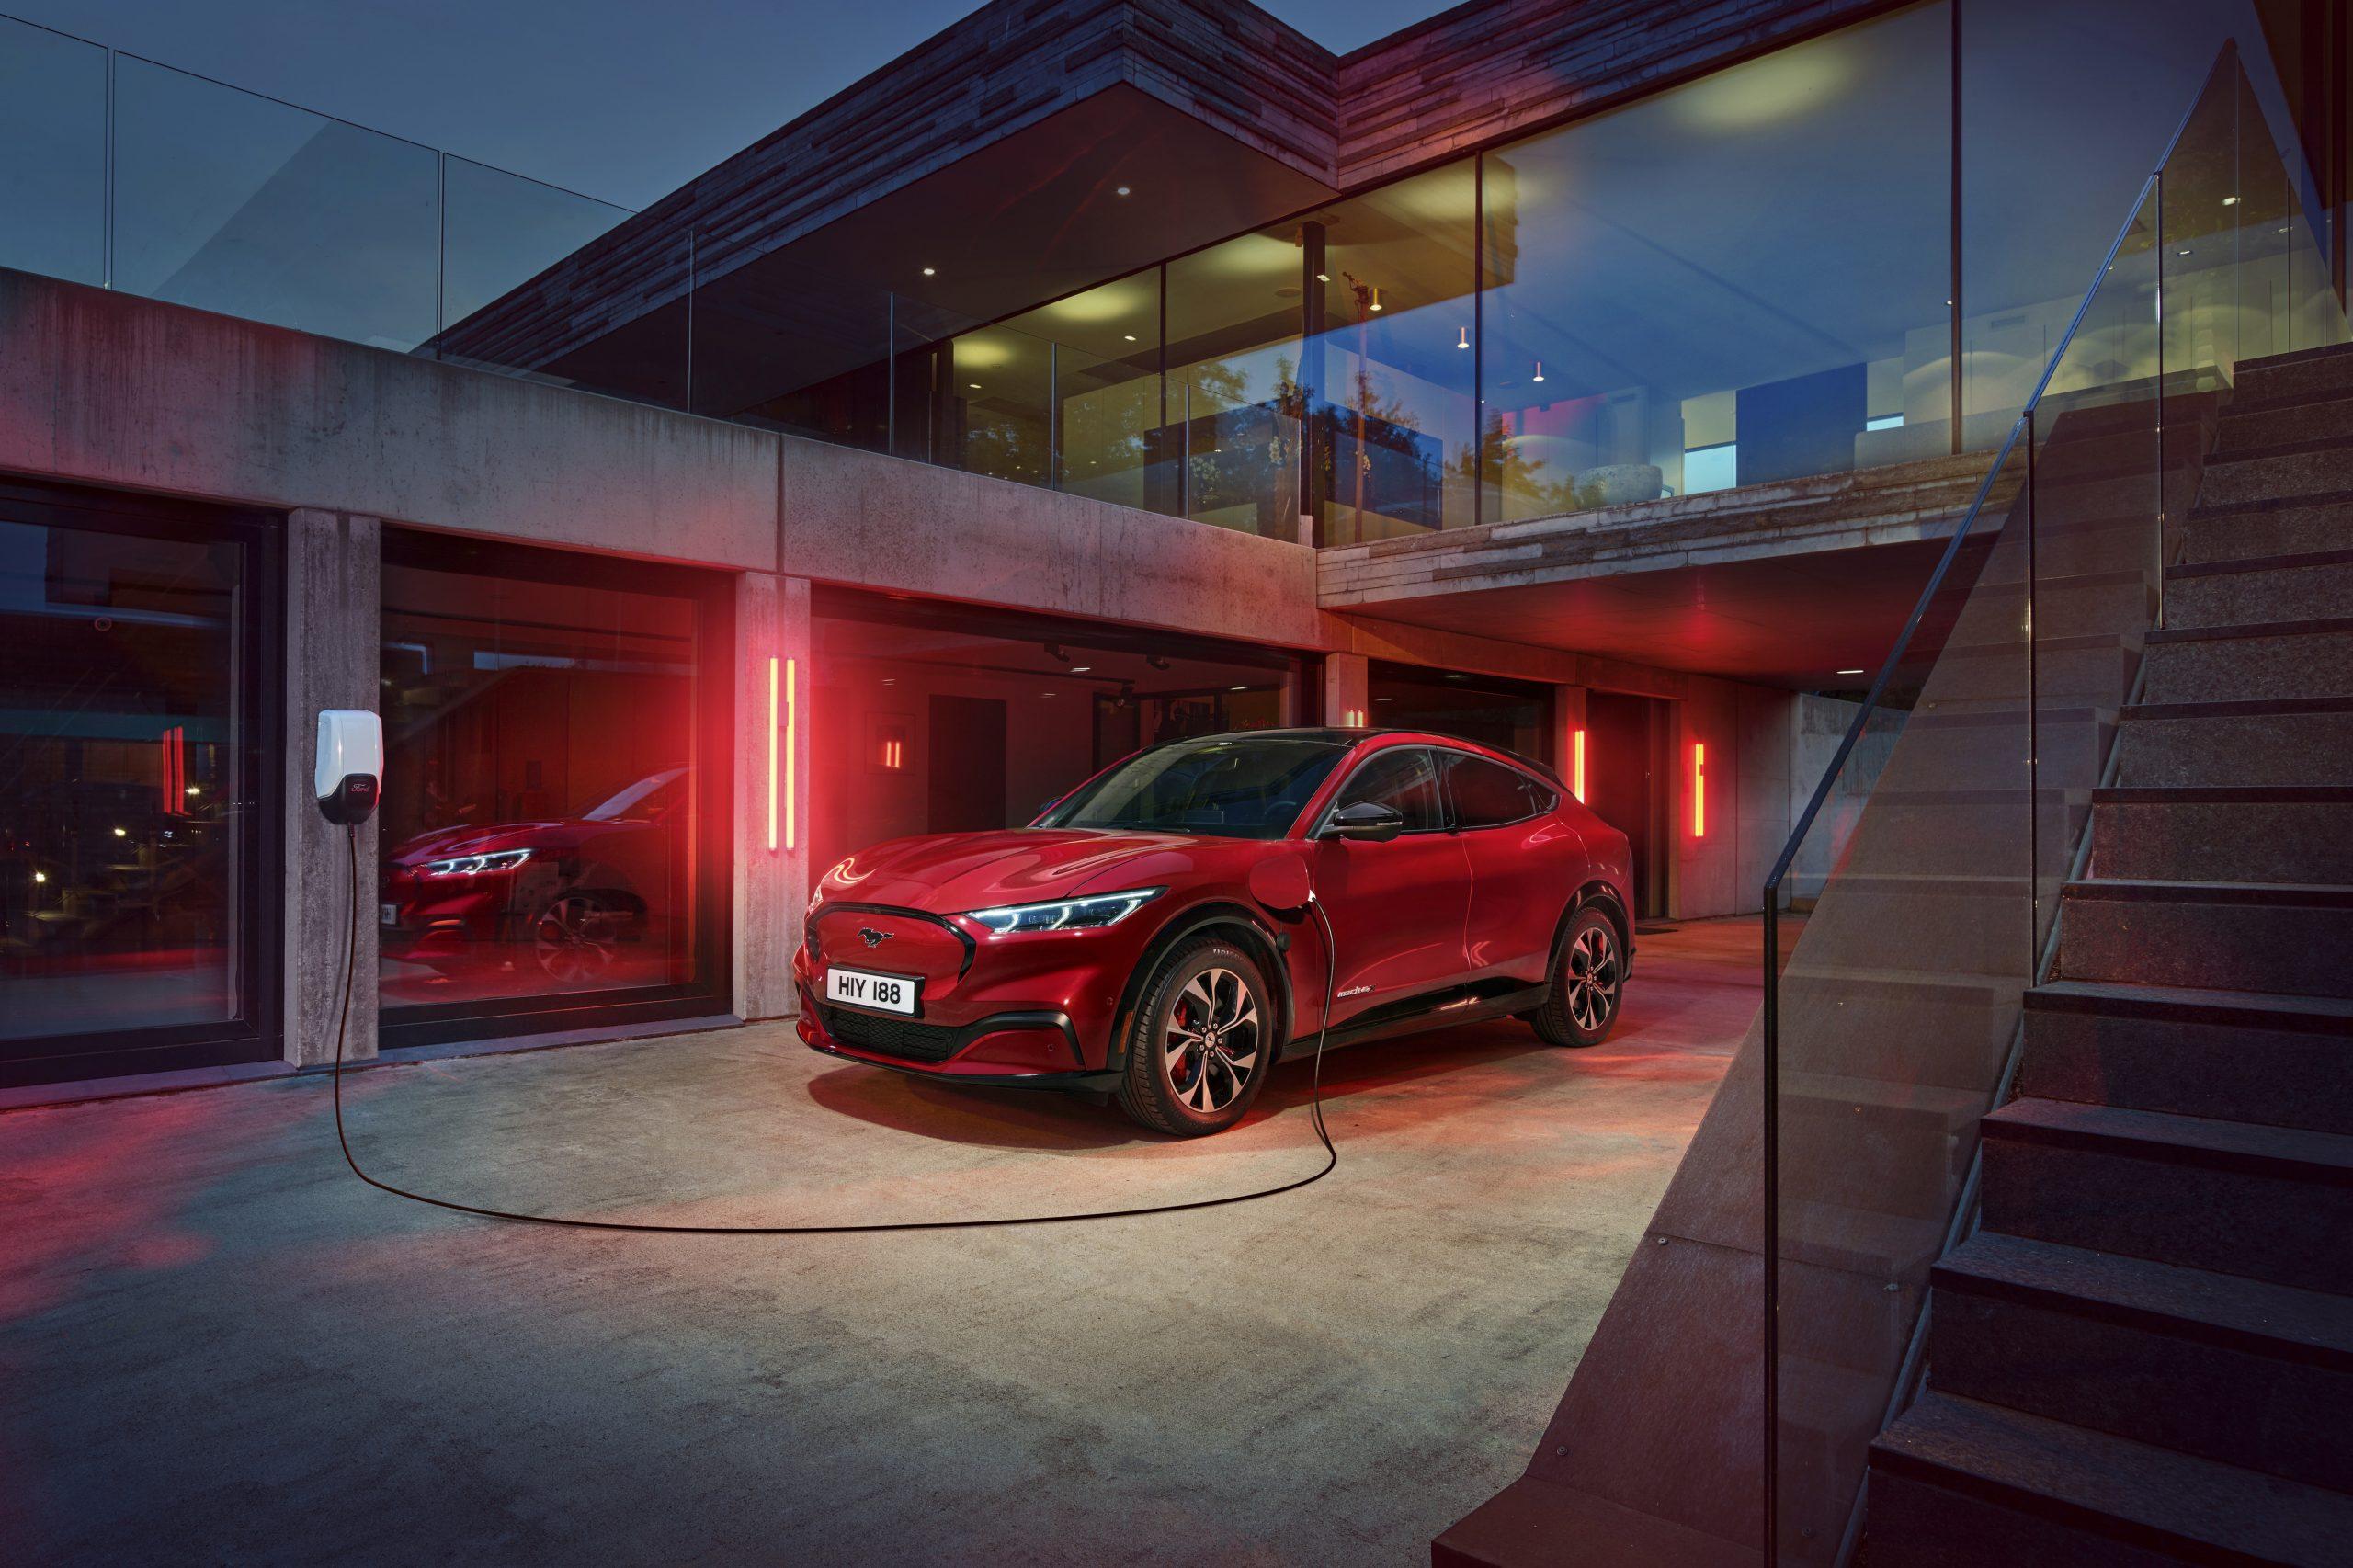 100 % elektrisk køreglæde: Ford Mustang Mach-E kører dig ind i fremtiden